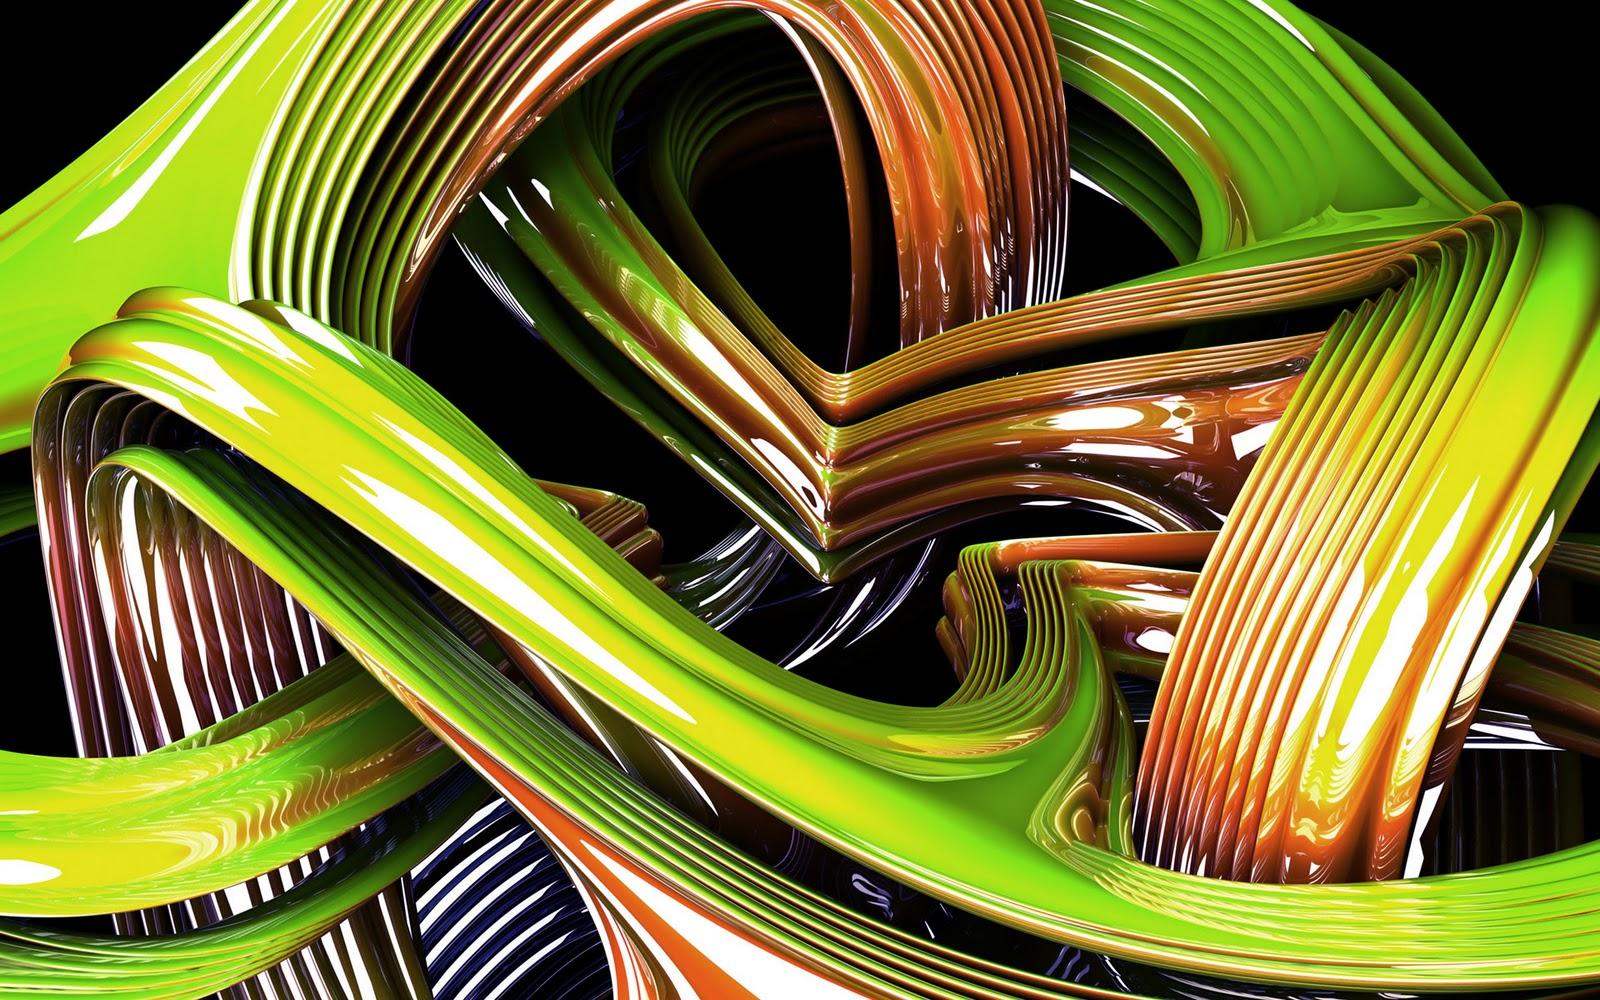 http://3.bp.blogspot.com/-lGQD1Tj_AqI/Tu62Qx050sI/AAAAAAAAEs4/yJAVu3-TEhQ/s1600/abstract-3d-wallpaper-38.jpg